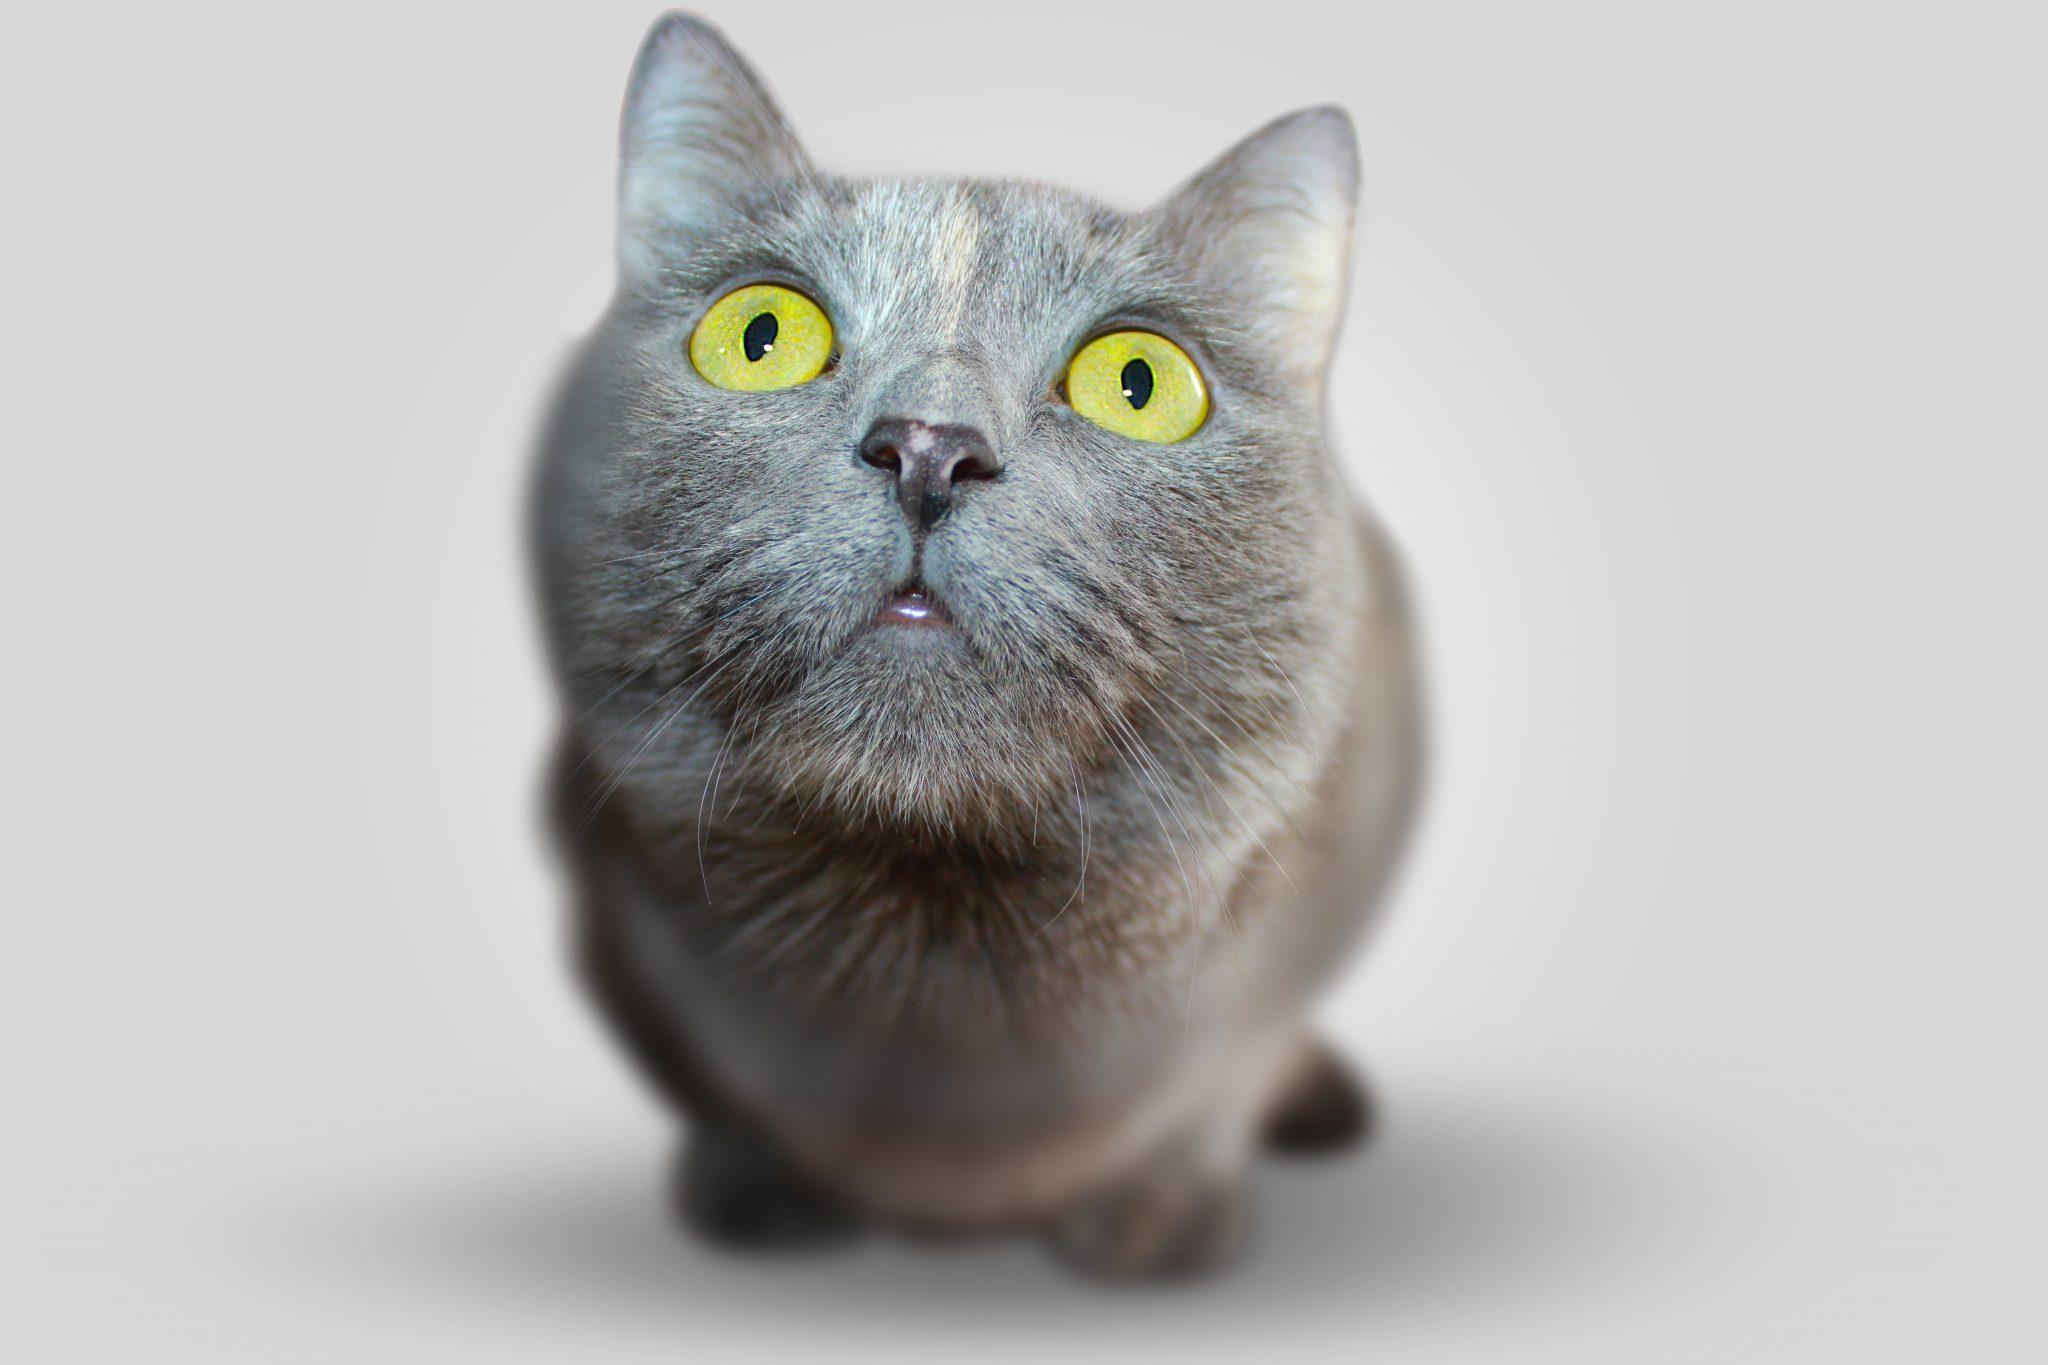 慢性腎臓病の猫に対するリン吸着剤の長期給与は有効か?